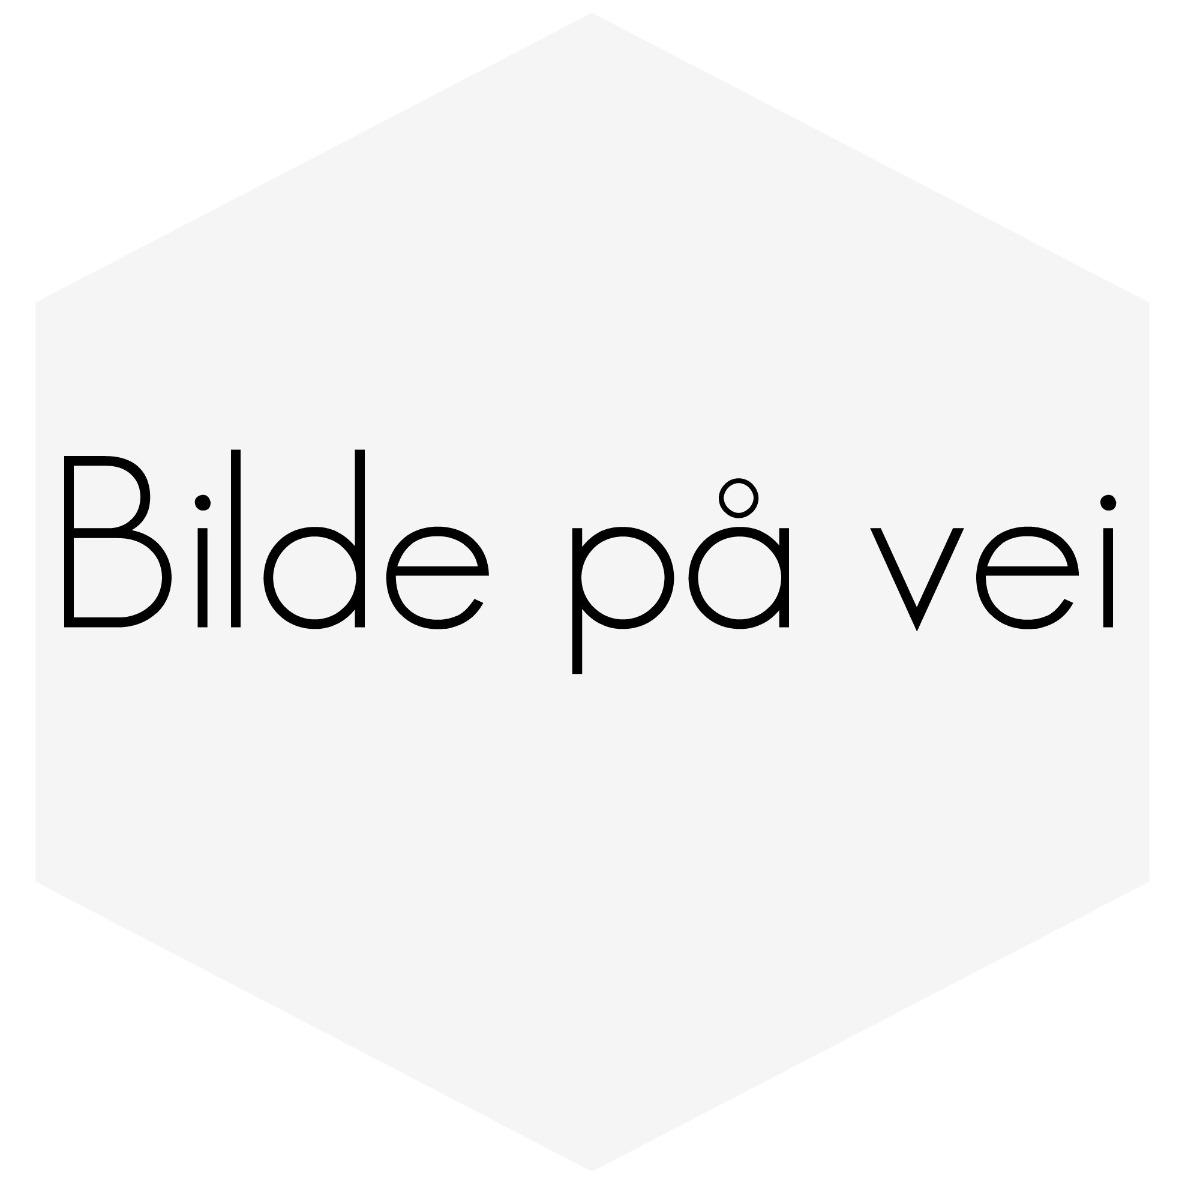 MERKER/DEKALER SETT DIV OMP FOR LØPSBIL